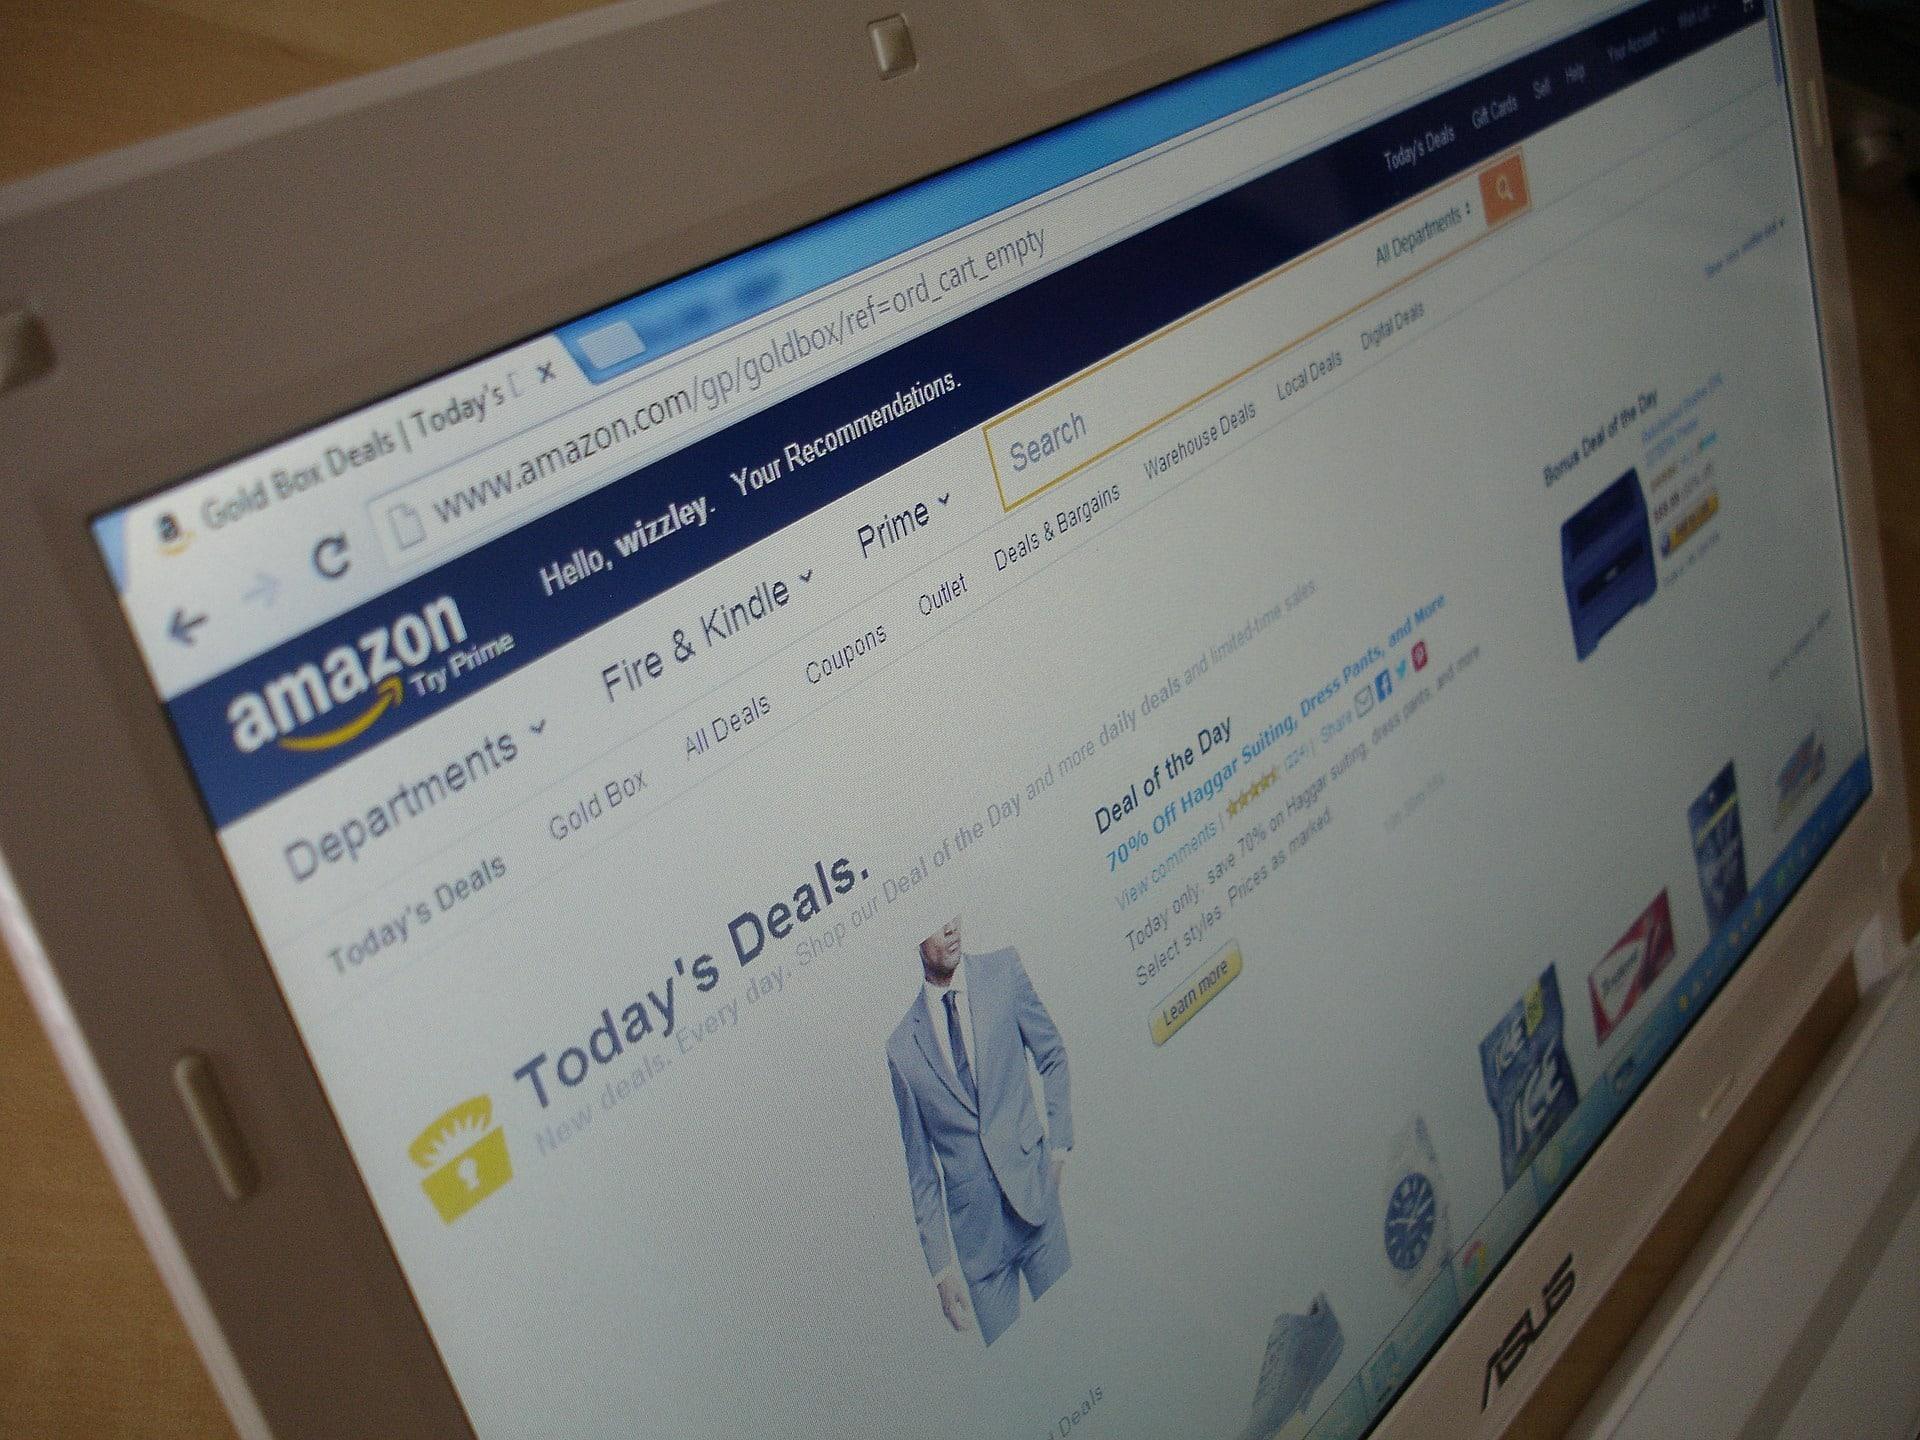 Contre Amazon, des frais minimum pour les frais de livraison